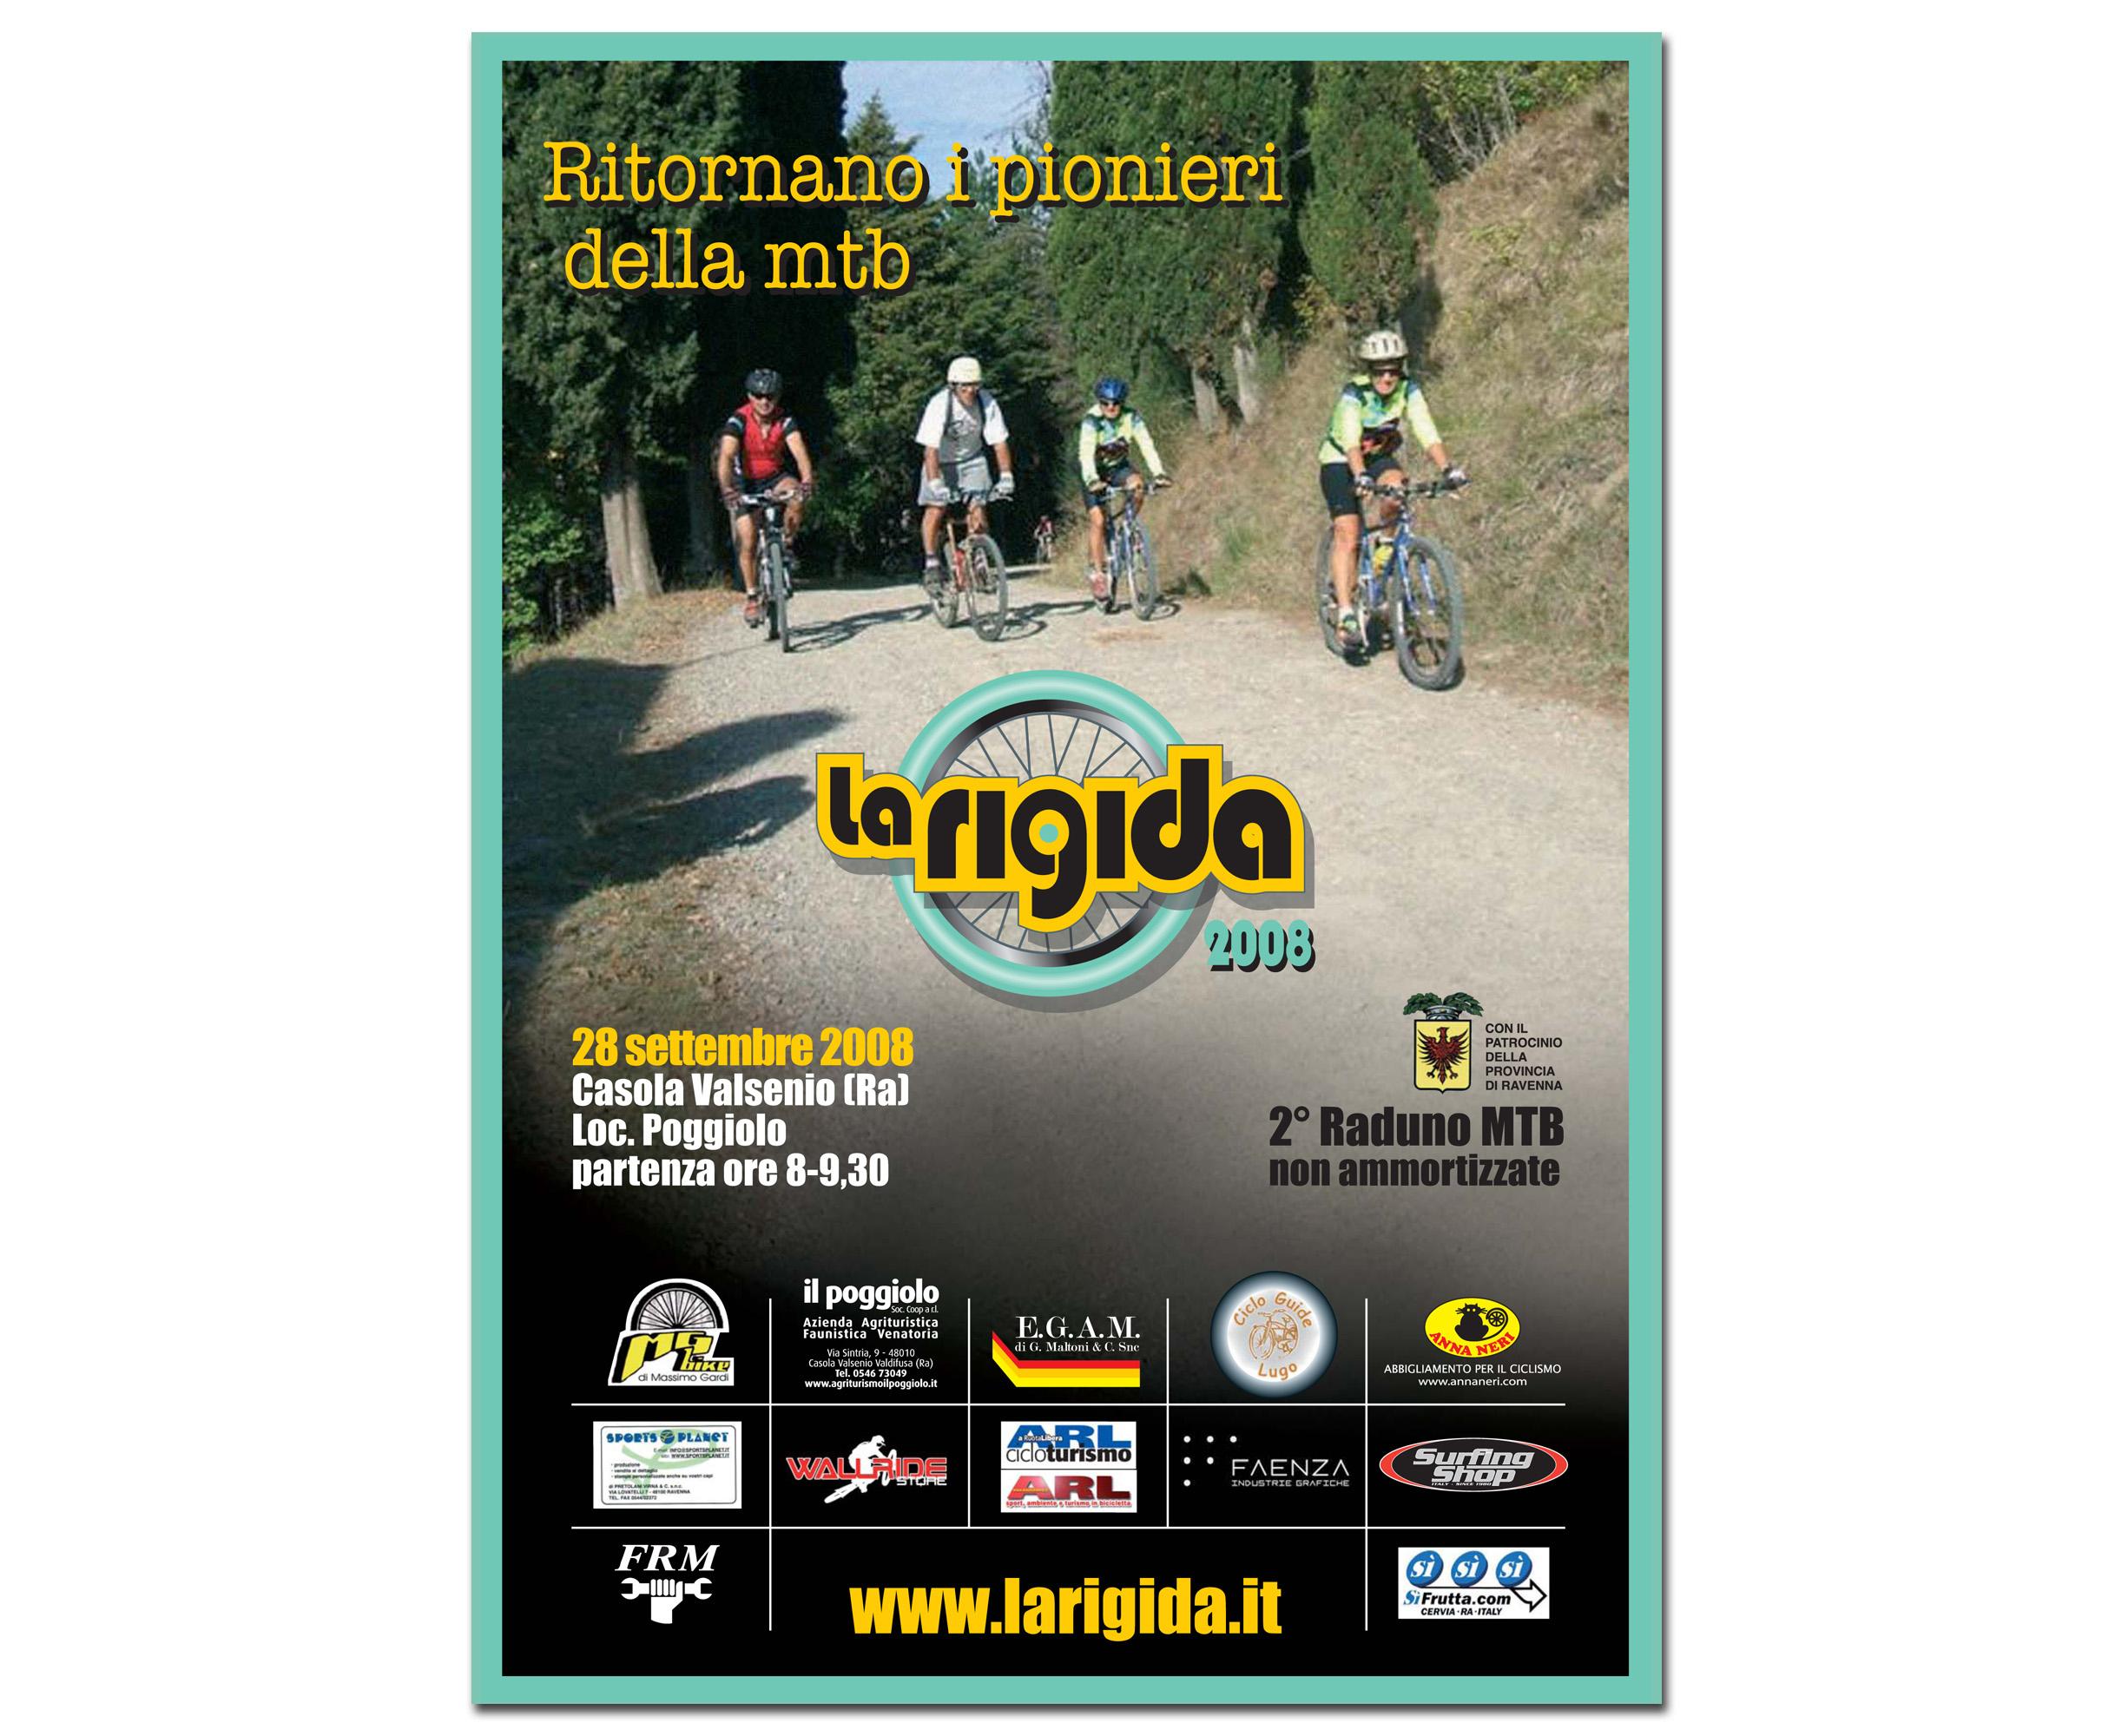 rigida08